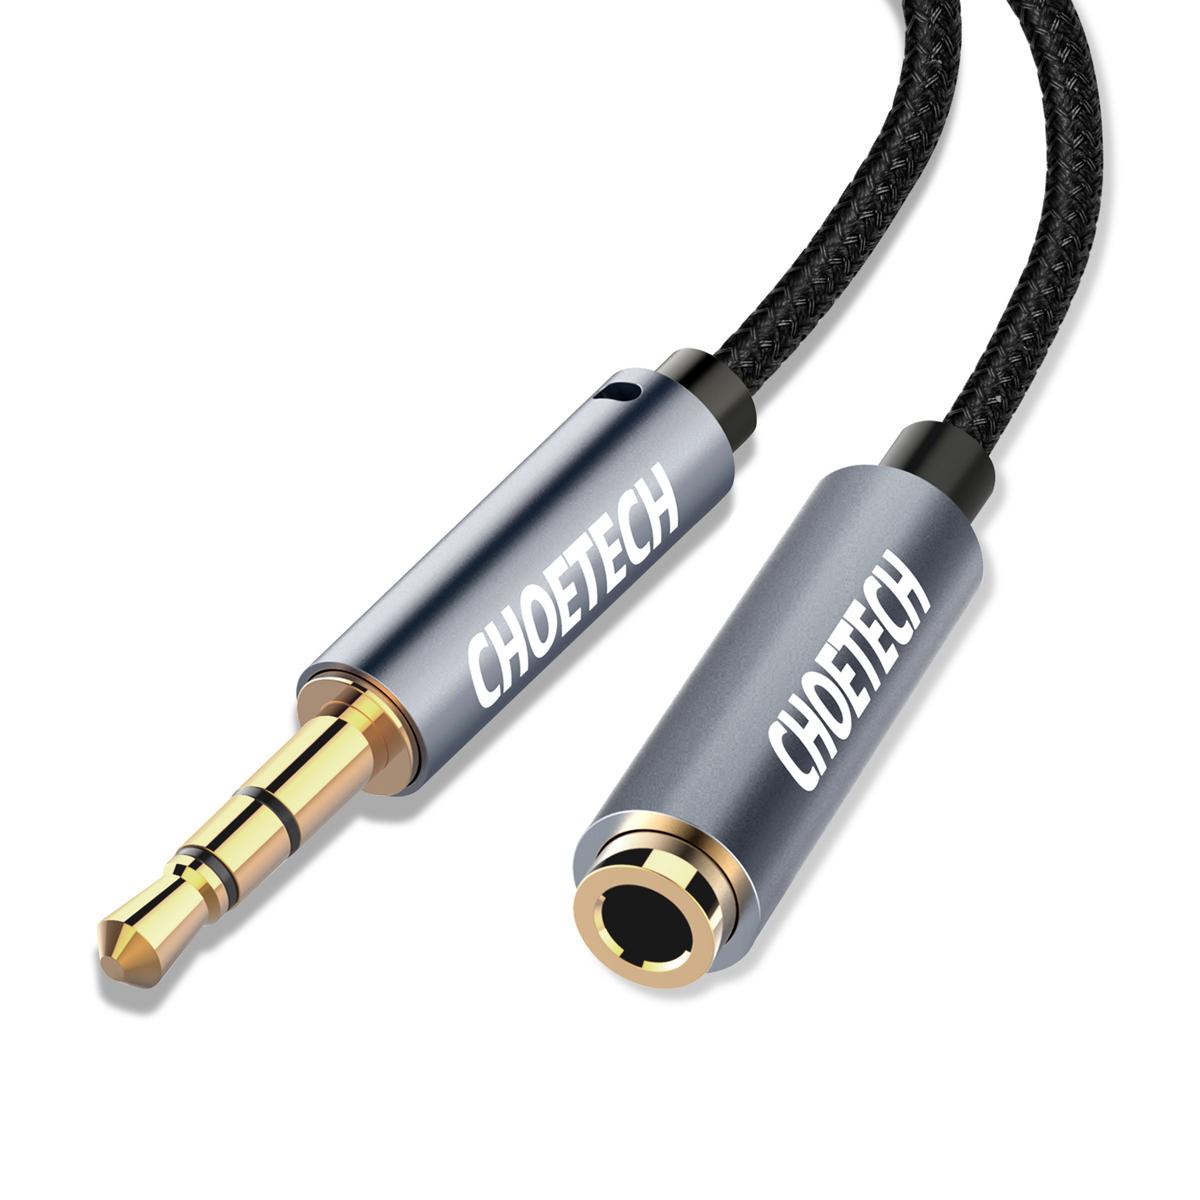 Cáp mở rộng CHOETECH Audio, 2 m, âm thanh nổi 3,5 mm, jack male to female cáp âm thanh cho iPhone, iPad, điện thoại thông minh, máy tính bảng - Hàng Chính Hãng